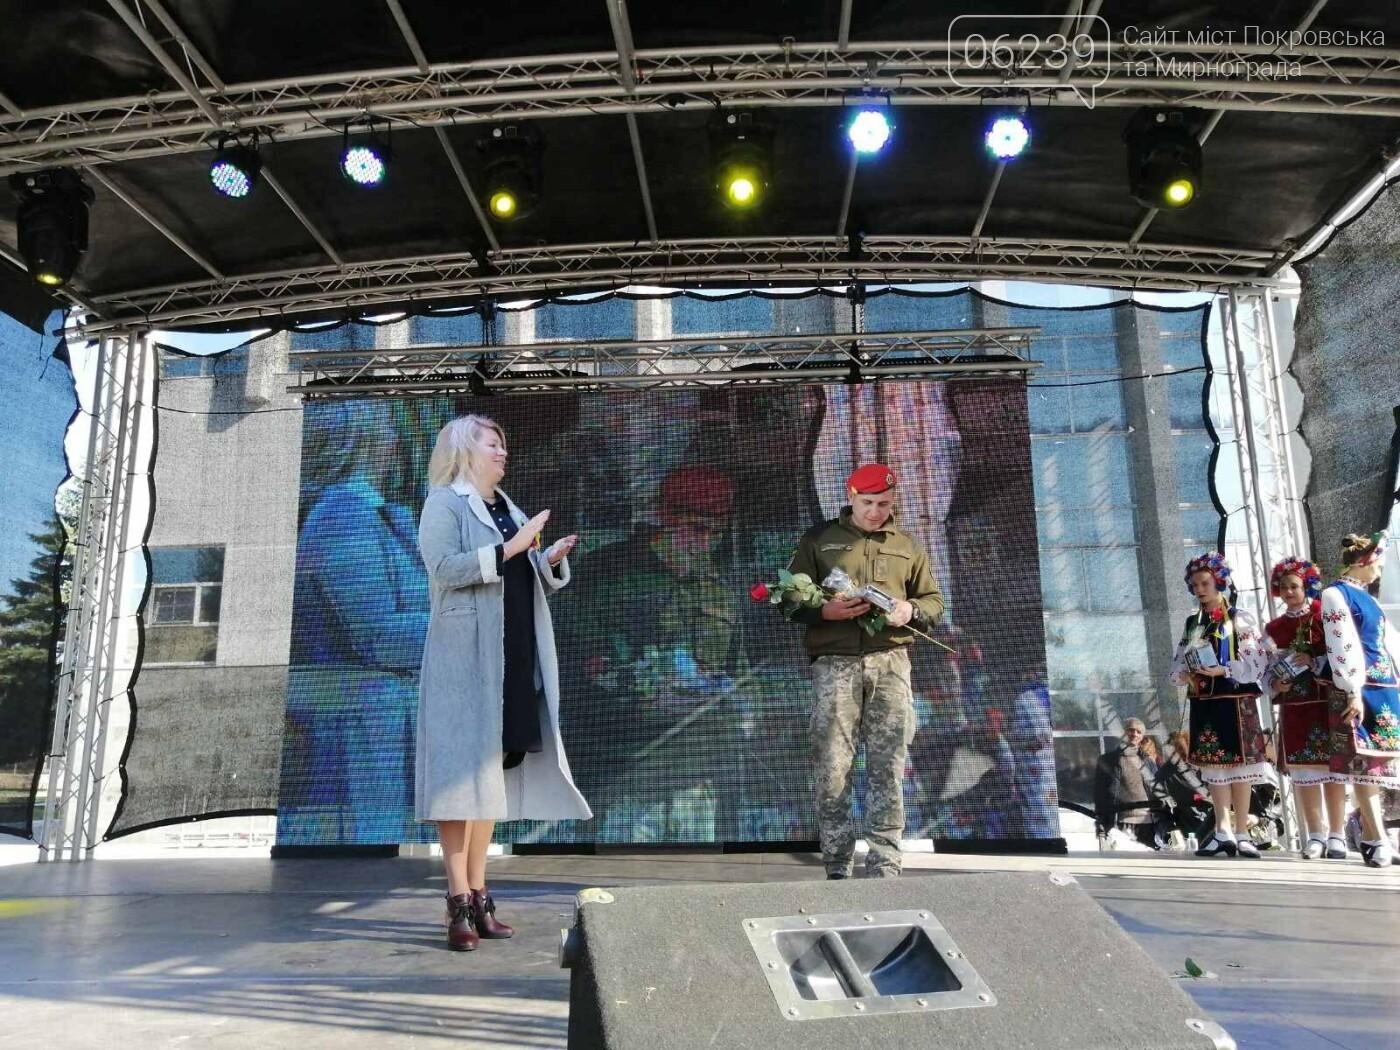 Святкова программа на честь святкування Дня захисника триває у Покровську, фото-5